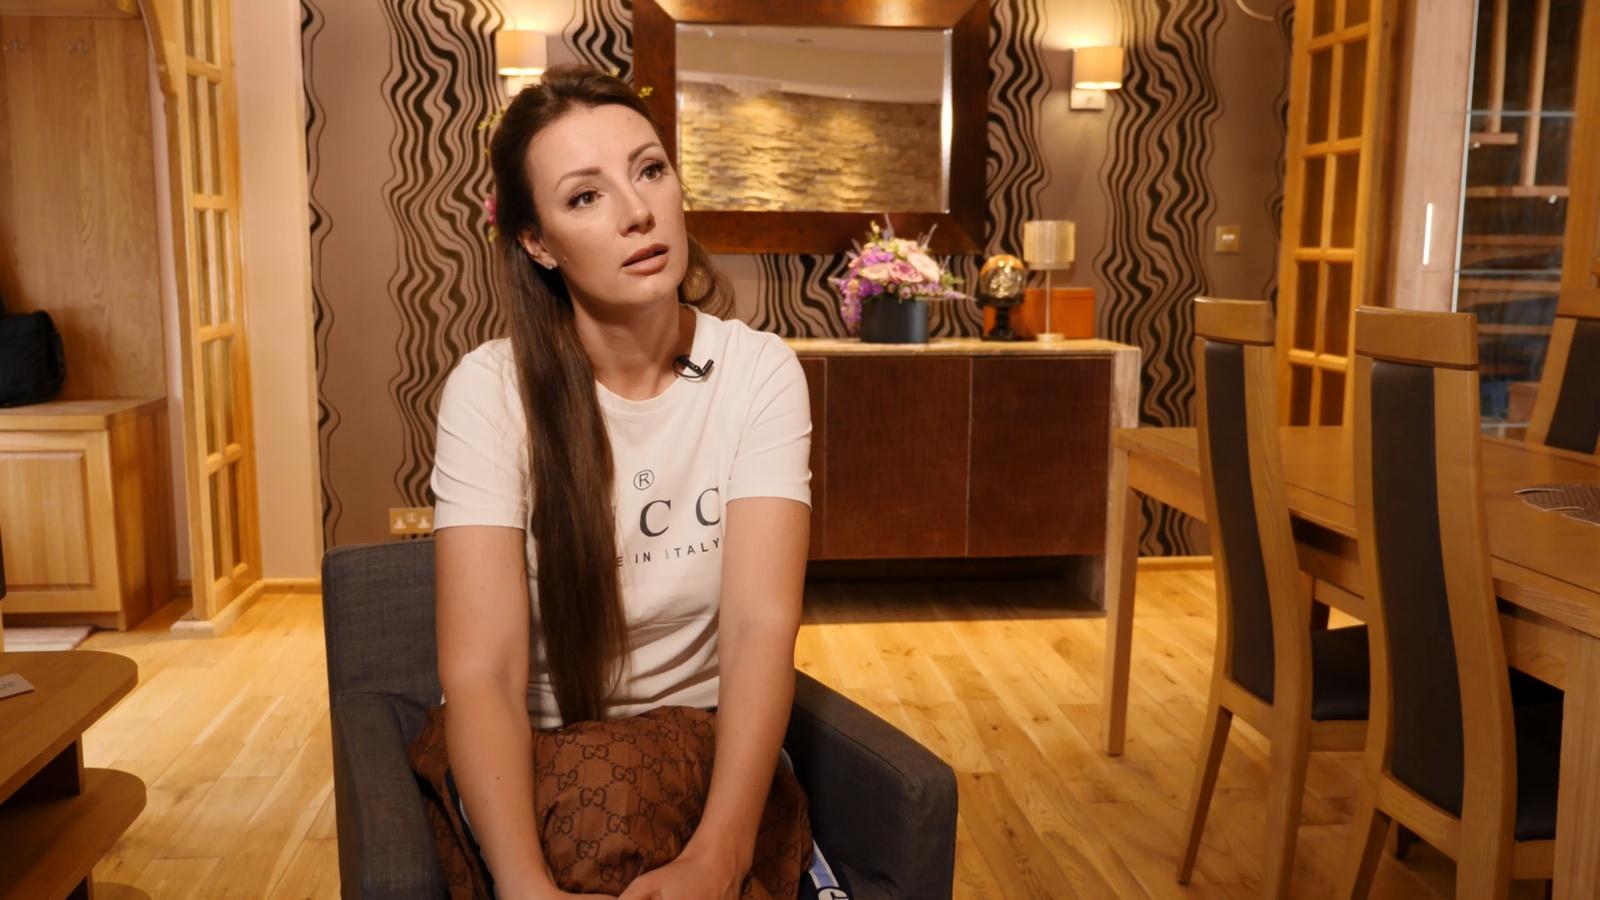 Tris klubus Londone valdanti lietuvė Kotryna karjerą pradėjo nuo padavėjos darbo